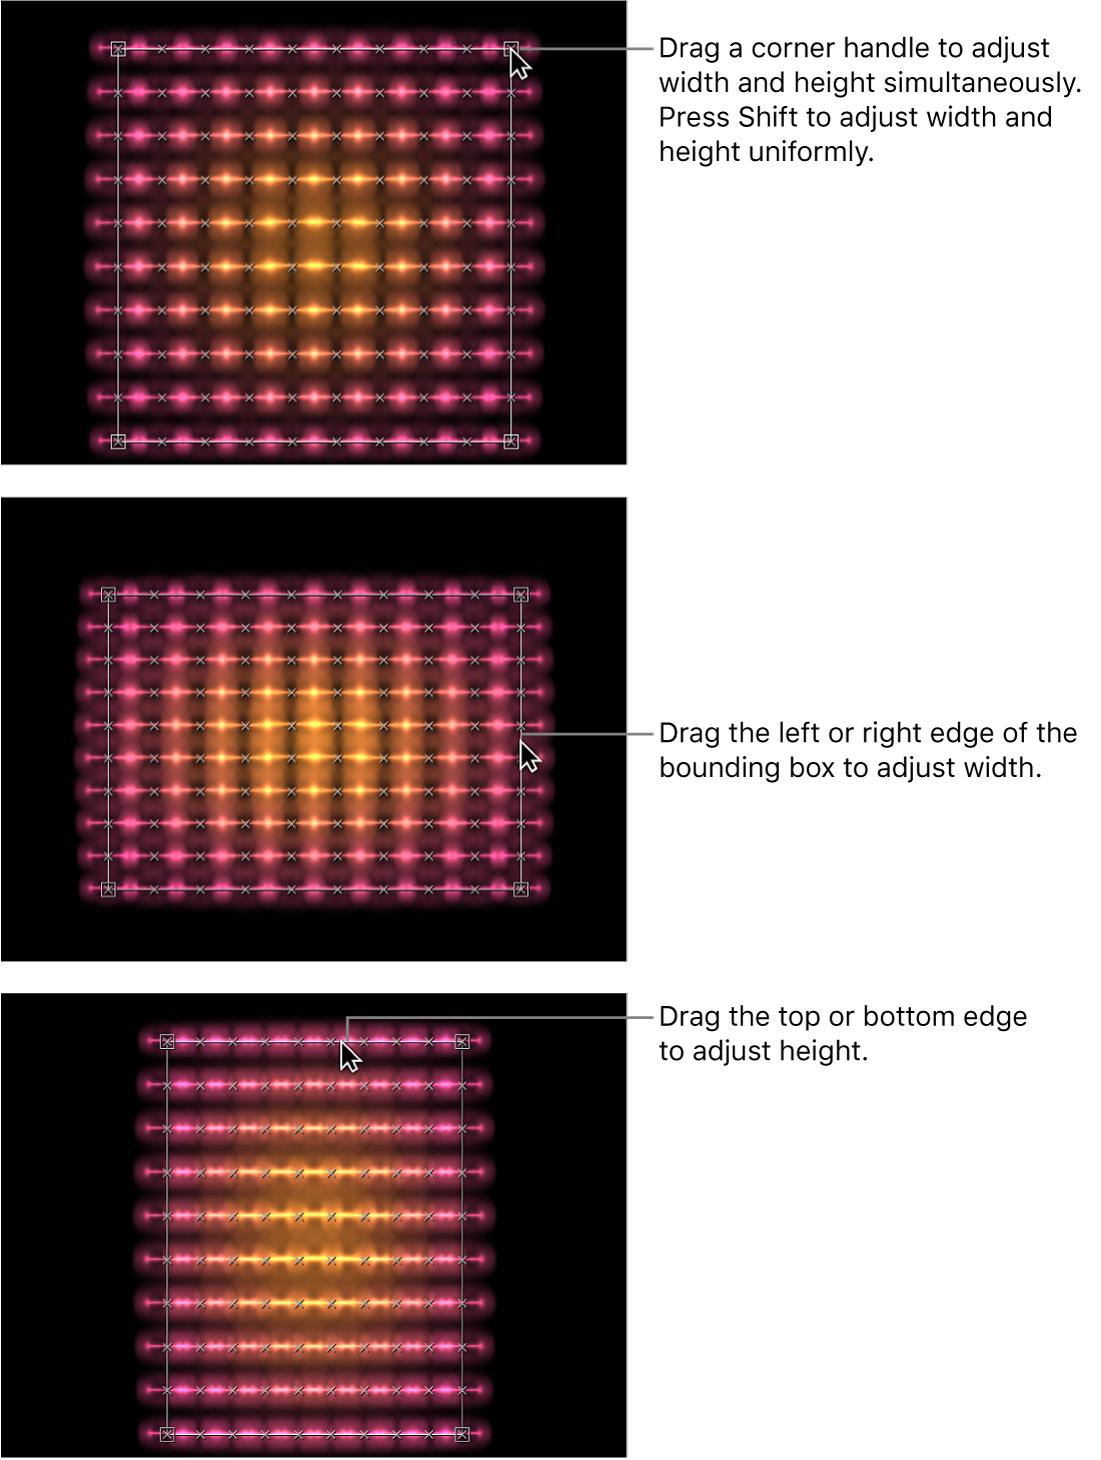 Canvas mit Replikatoren, die mithilfe der Onscreen-Steuerelemente modifiziert werden